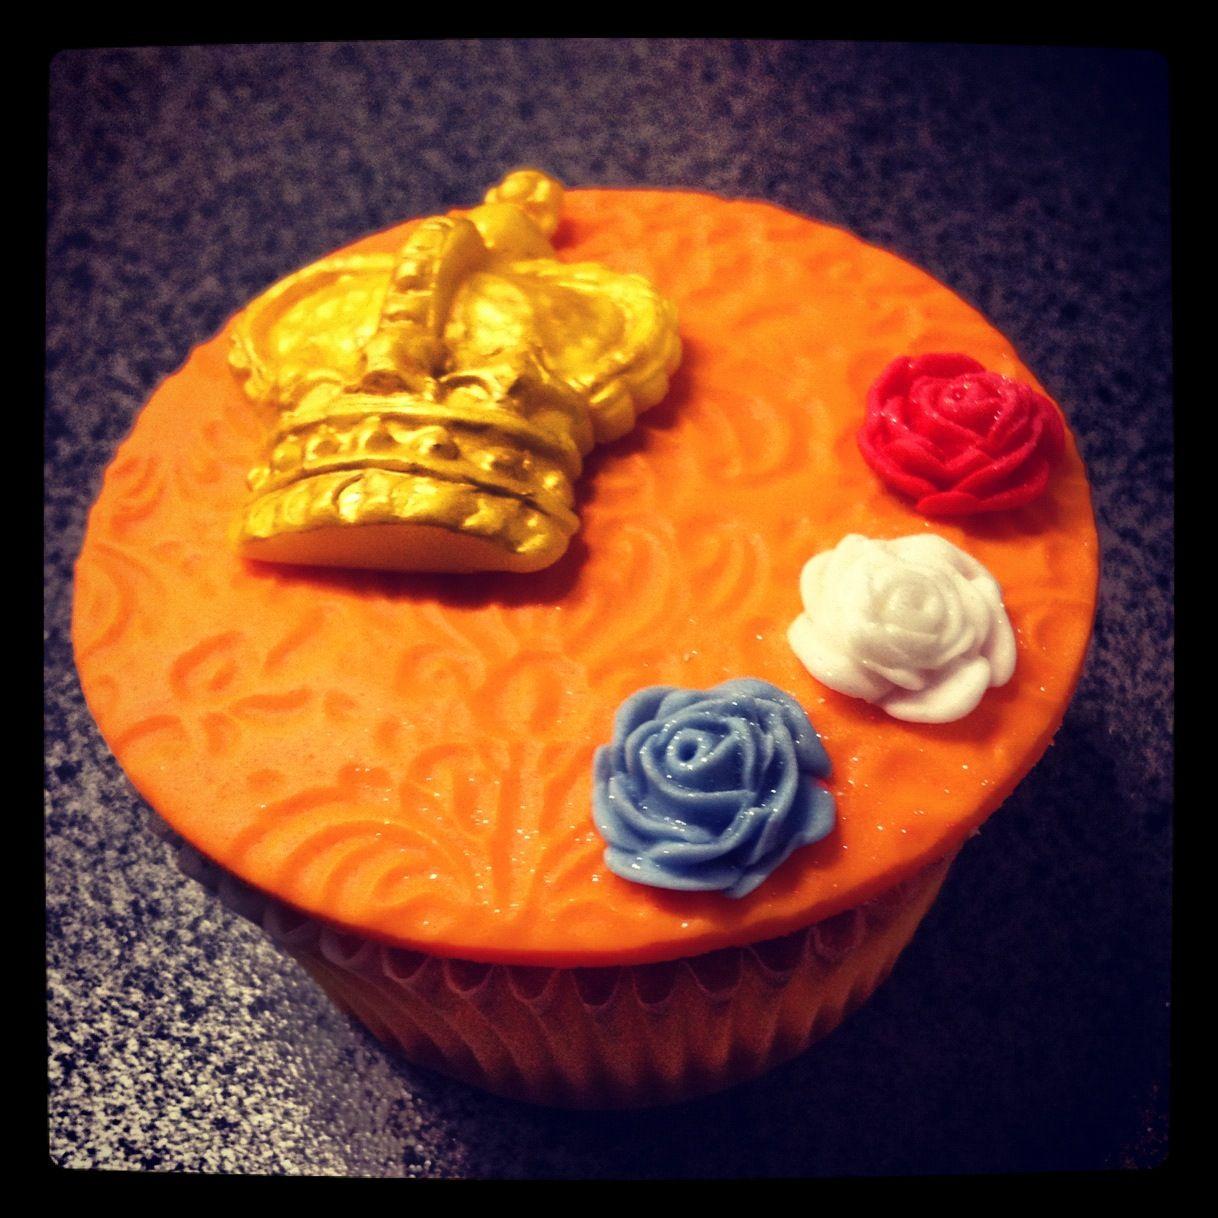 taart nouveau Koningsdag Royal Cupcake by Taart Nouveau | (Ta)Art Nouveau Hall  taart nouveau